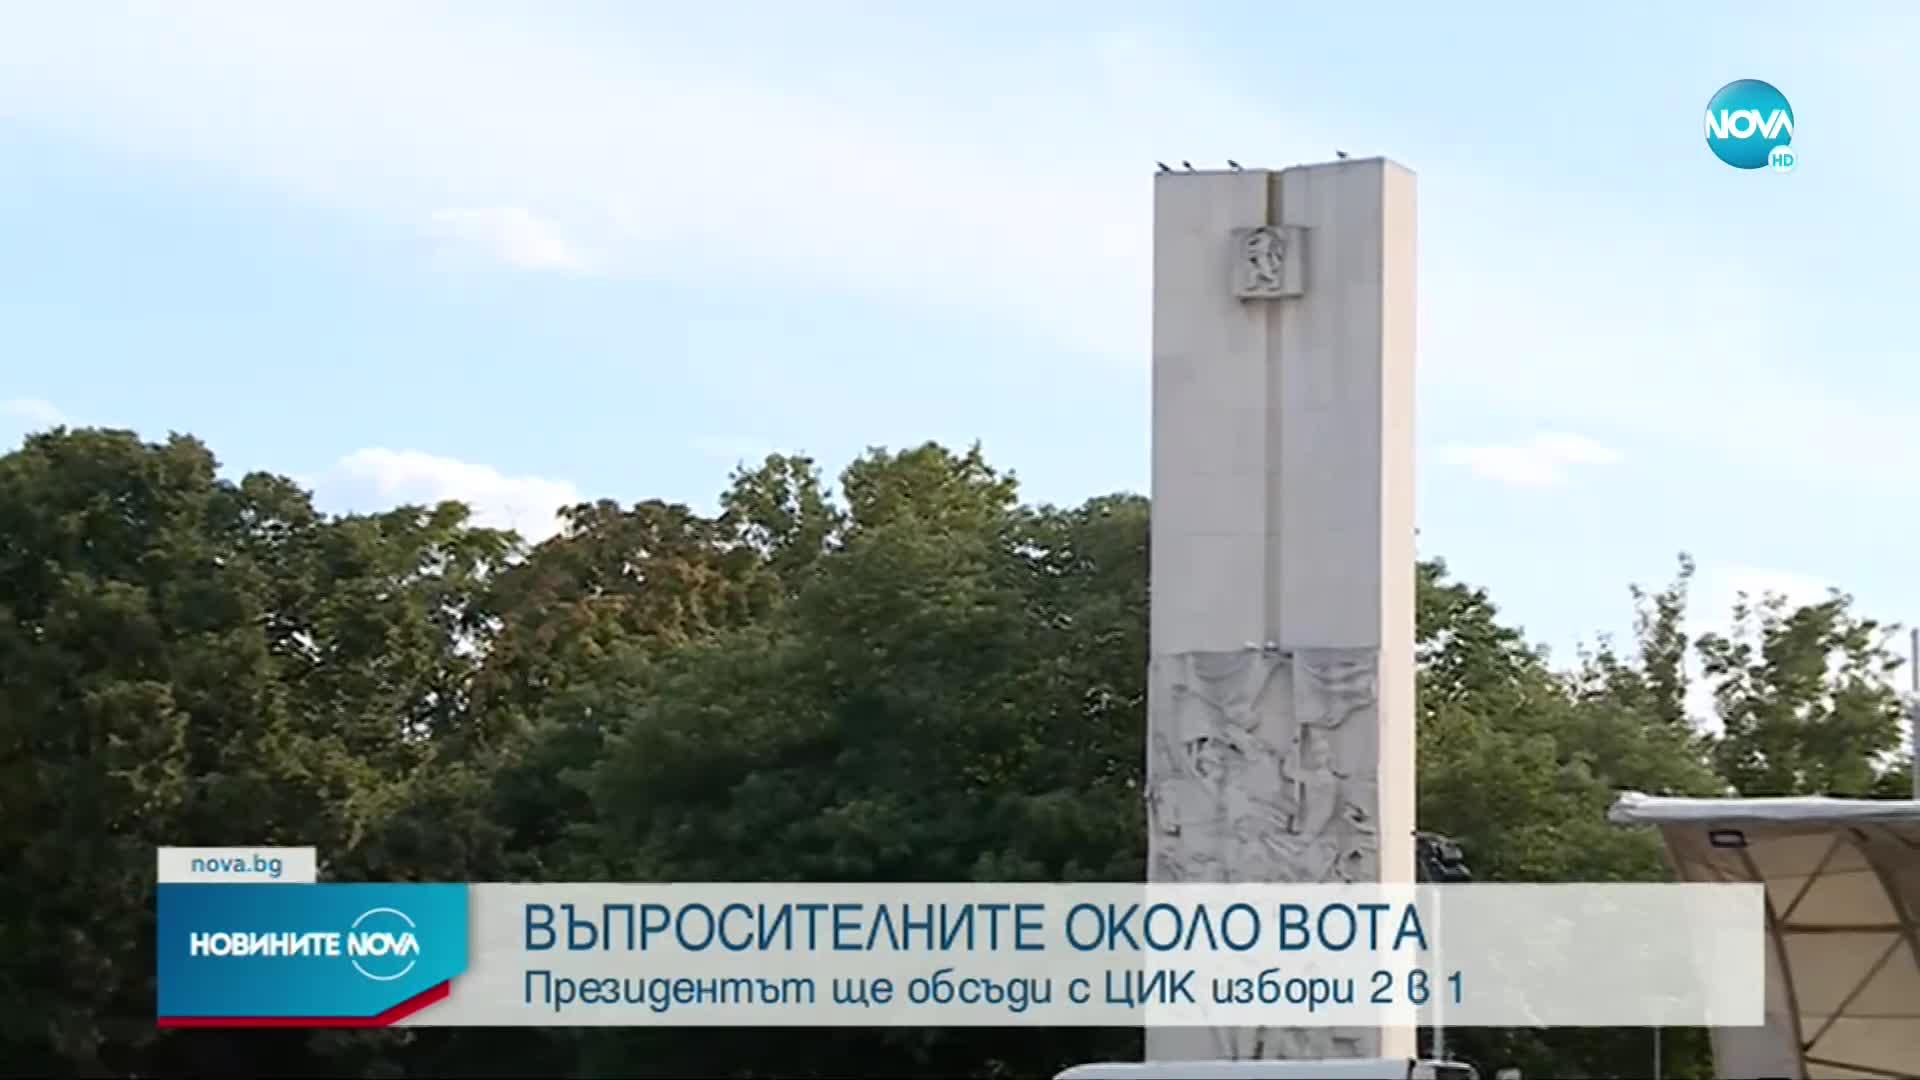 Радев ще обсъди с ЦИК провеждането на избори 2 в 1